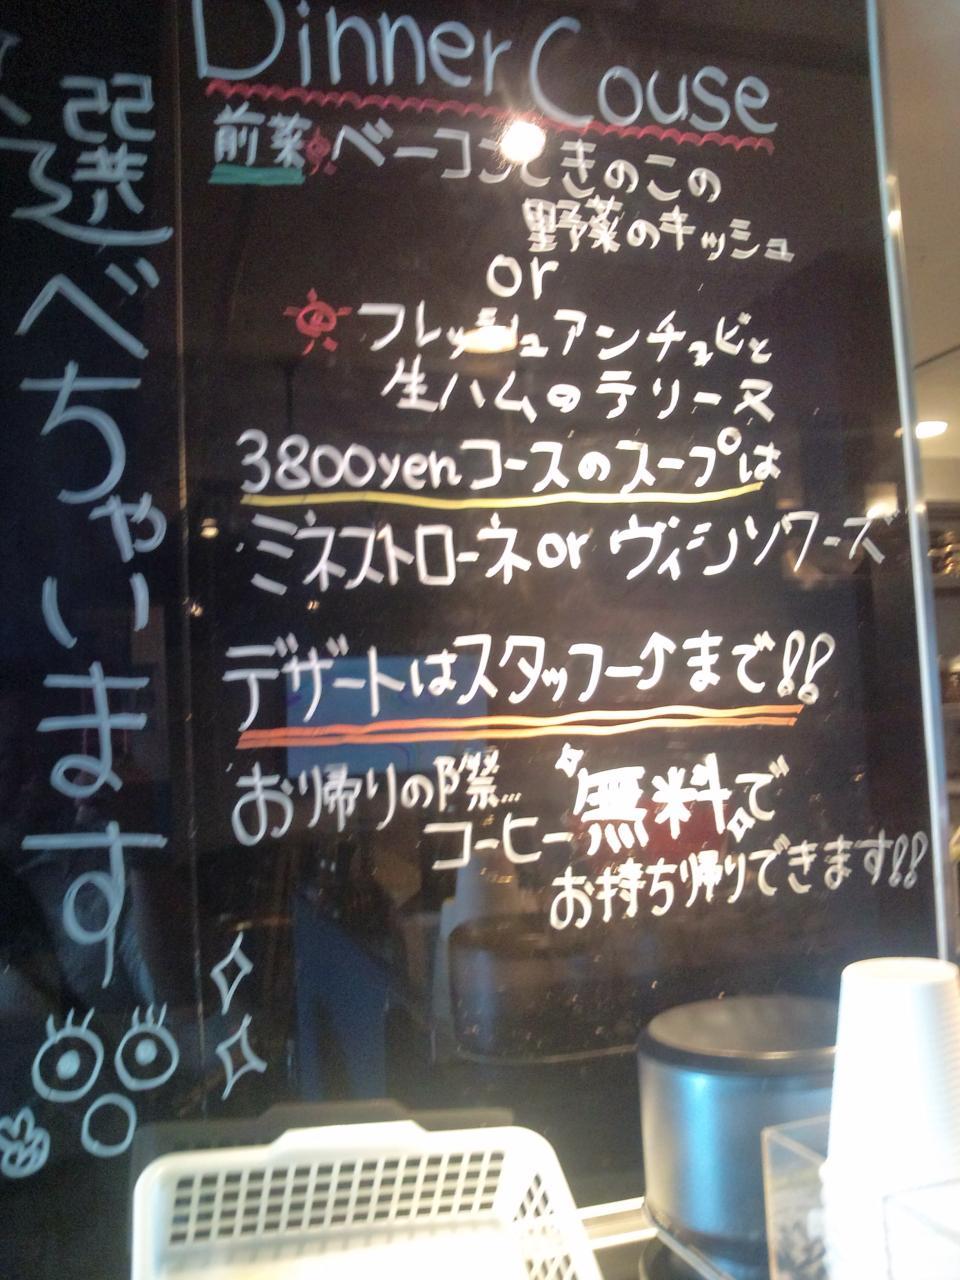 ケネディ宇宙センター店(コーヒー)